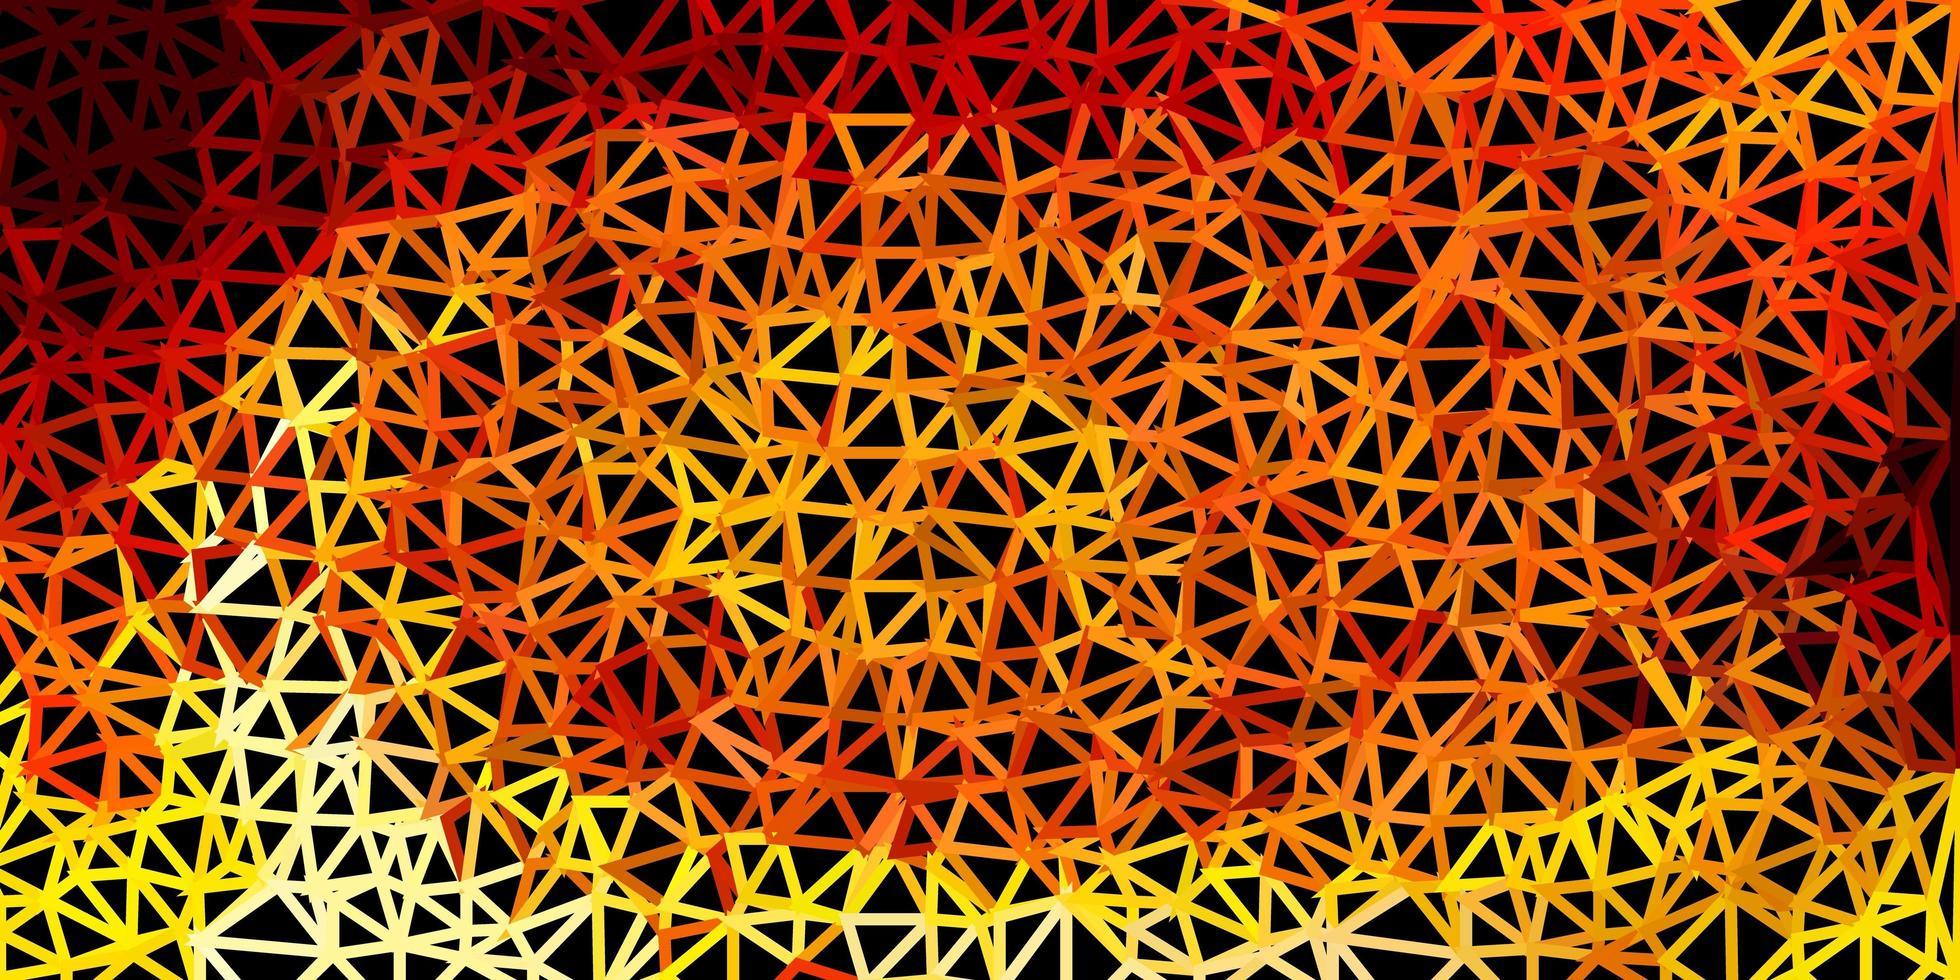 motif de triangle abstrait vecteur orange clair.